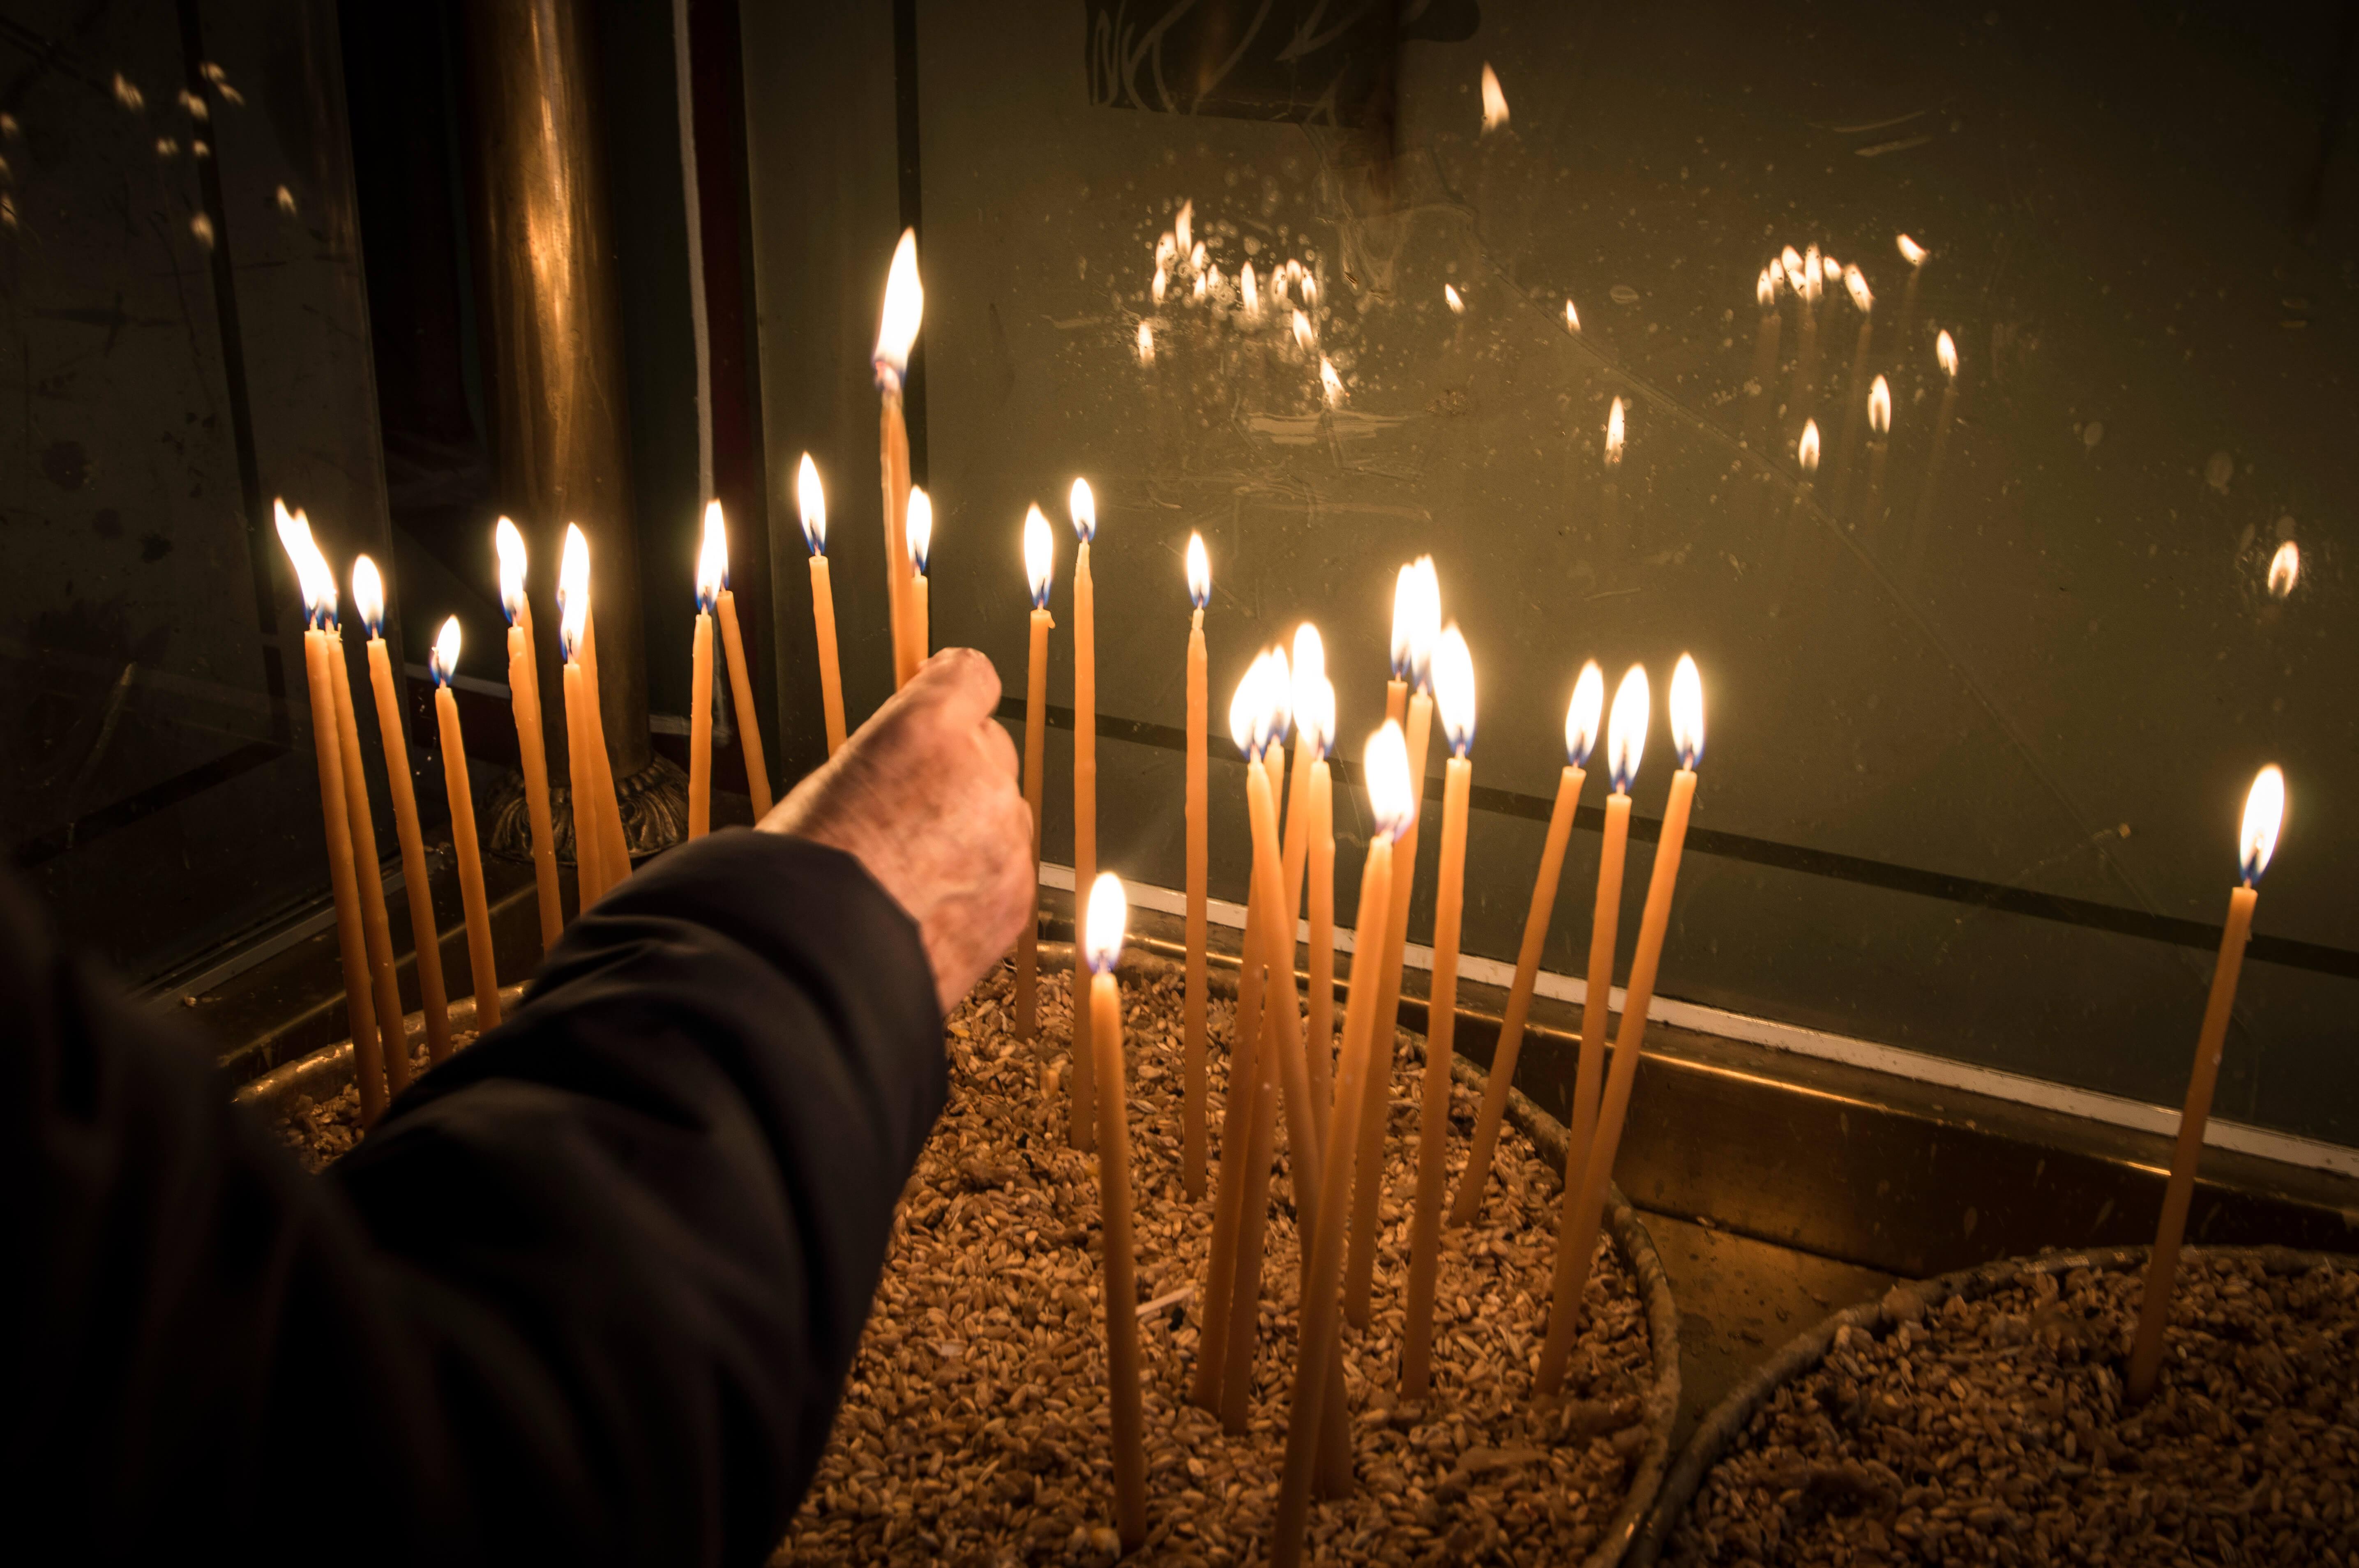 Κορονοϊός: Νέα στοιχεία για τη σύλληψη του μητροπολίτη Κυθήρων! Άνοιξε την εκκλησία και έκανε λειτουργία με κόσμο